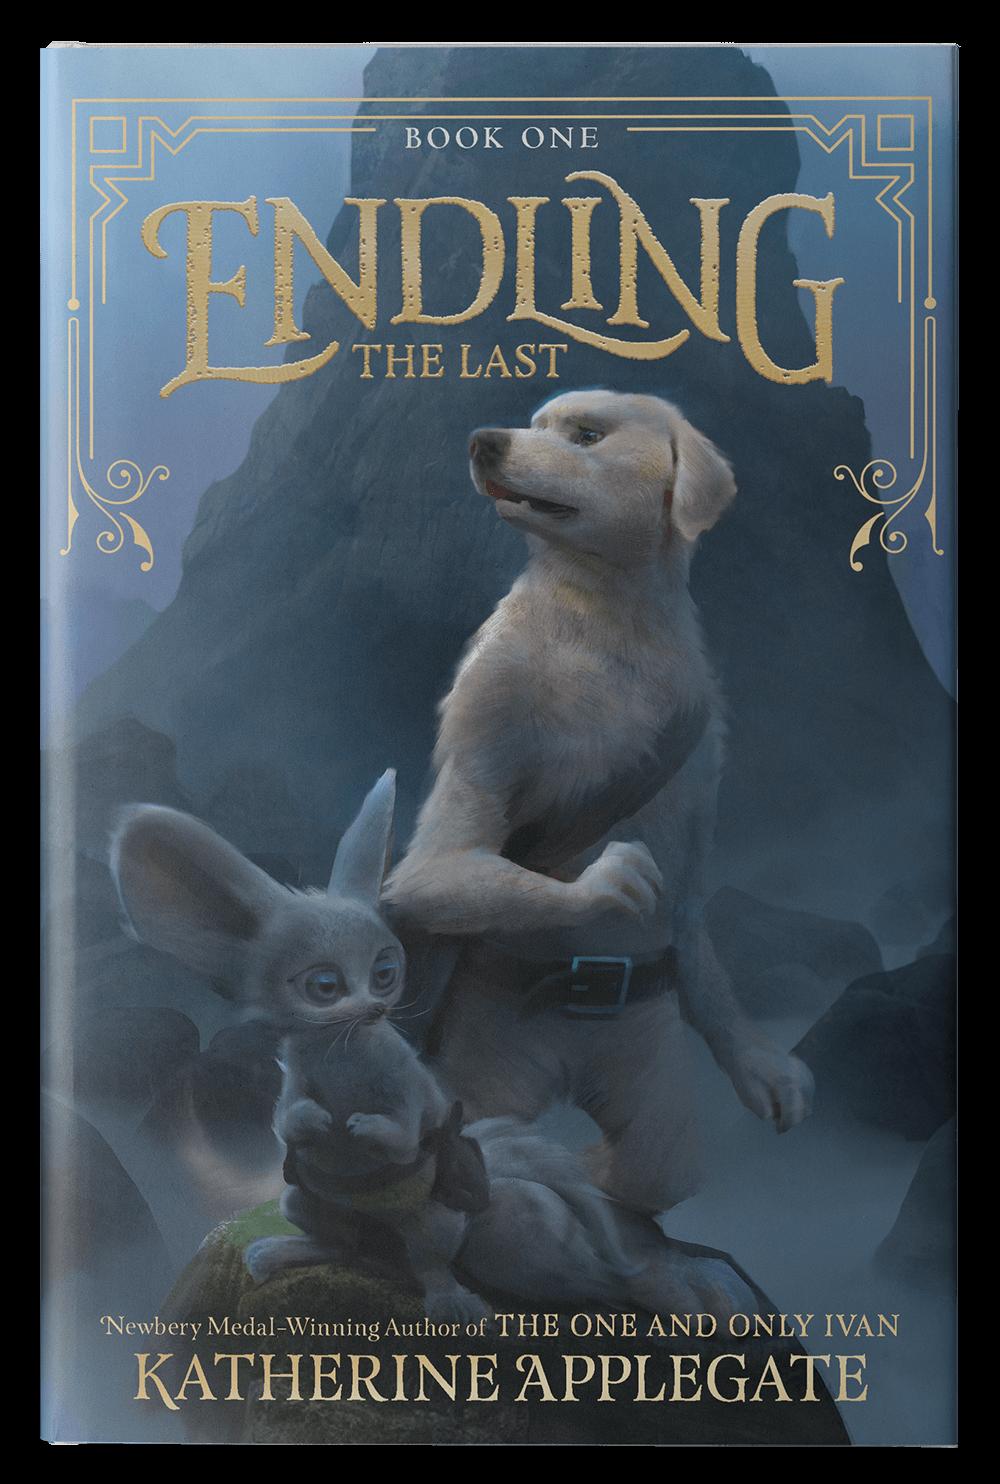 19_endling_3d_4r